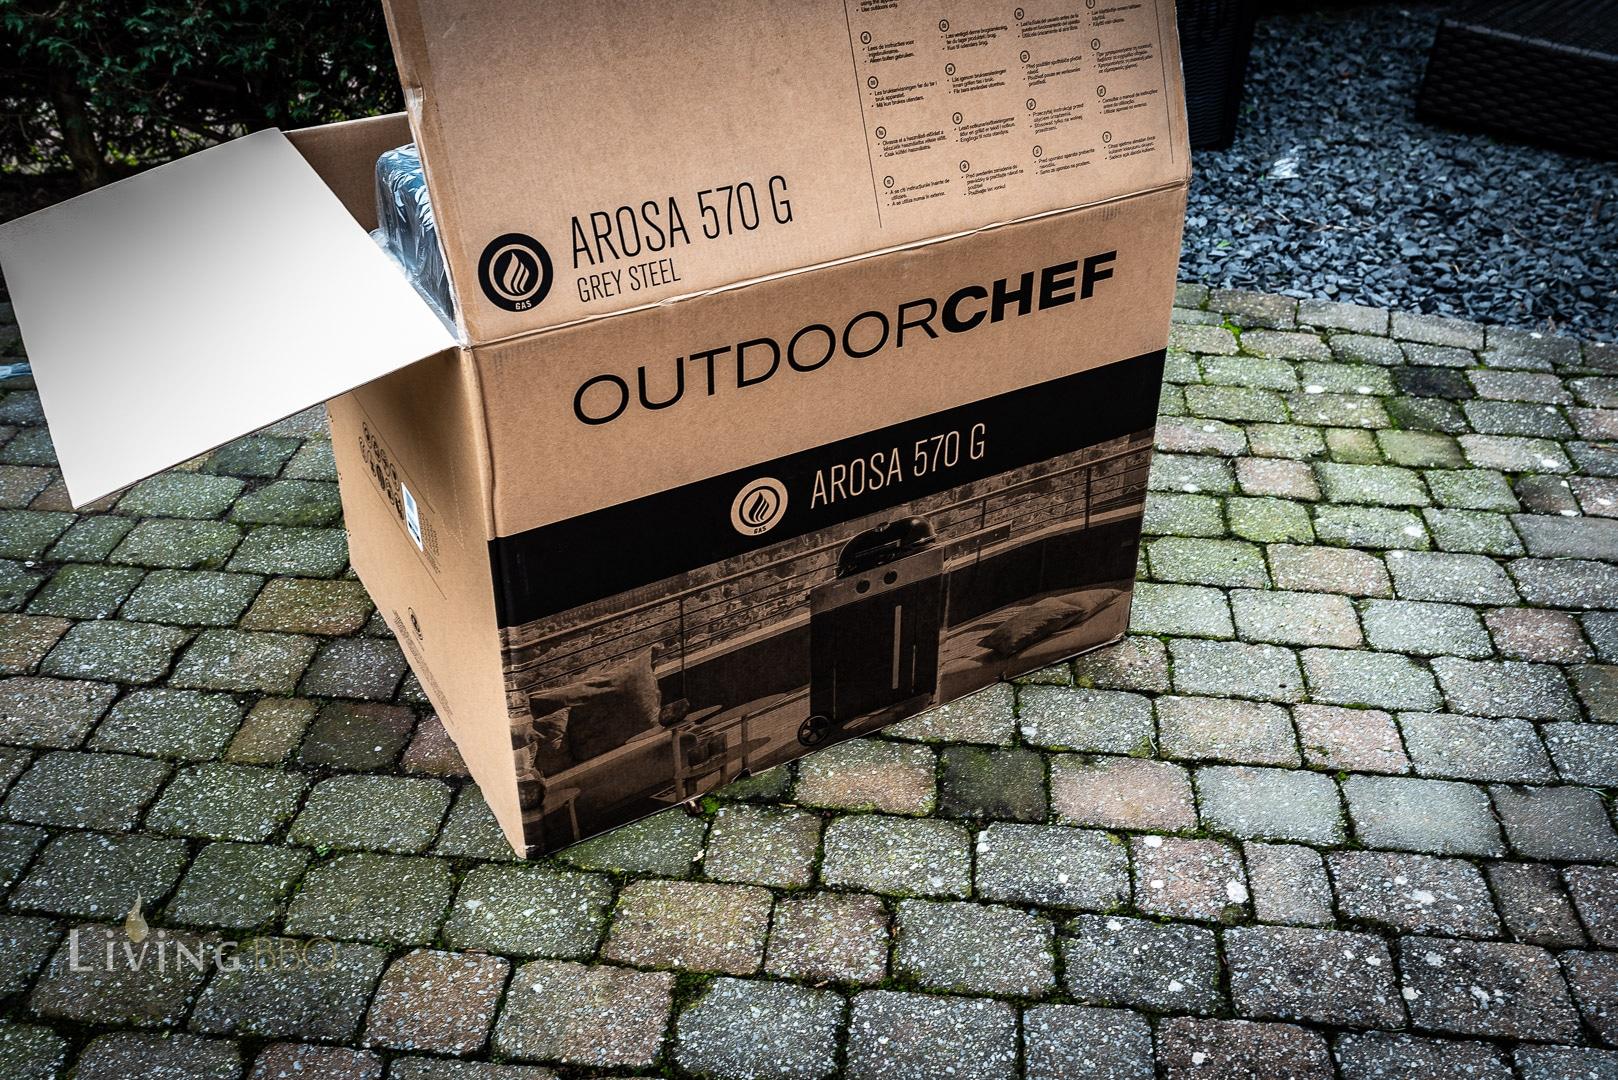 Aufbau des Outdoorchef Arosa 570 G